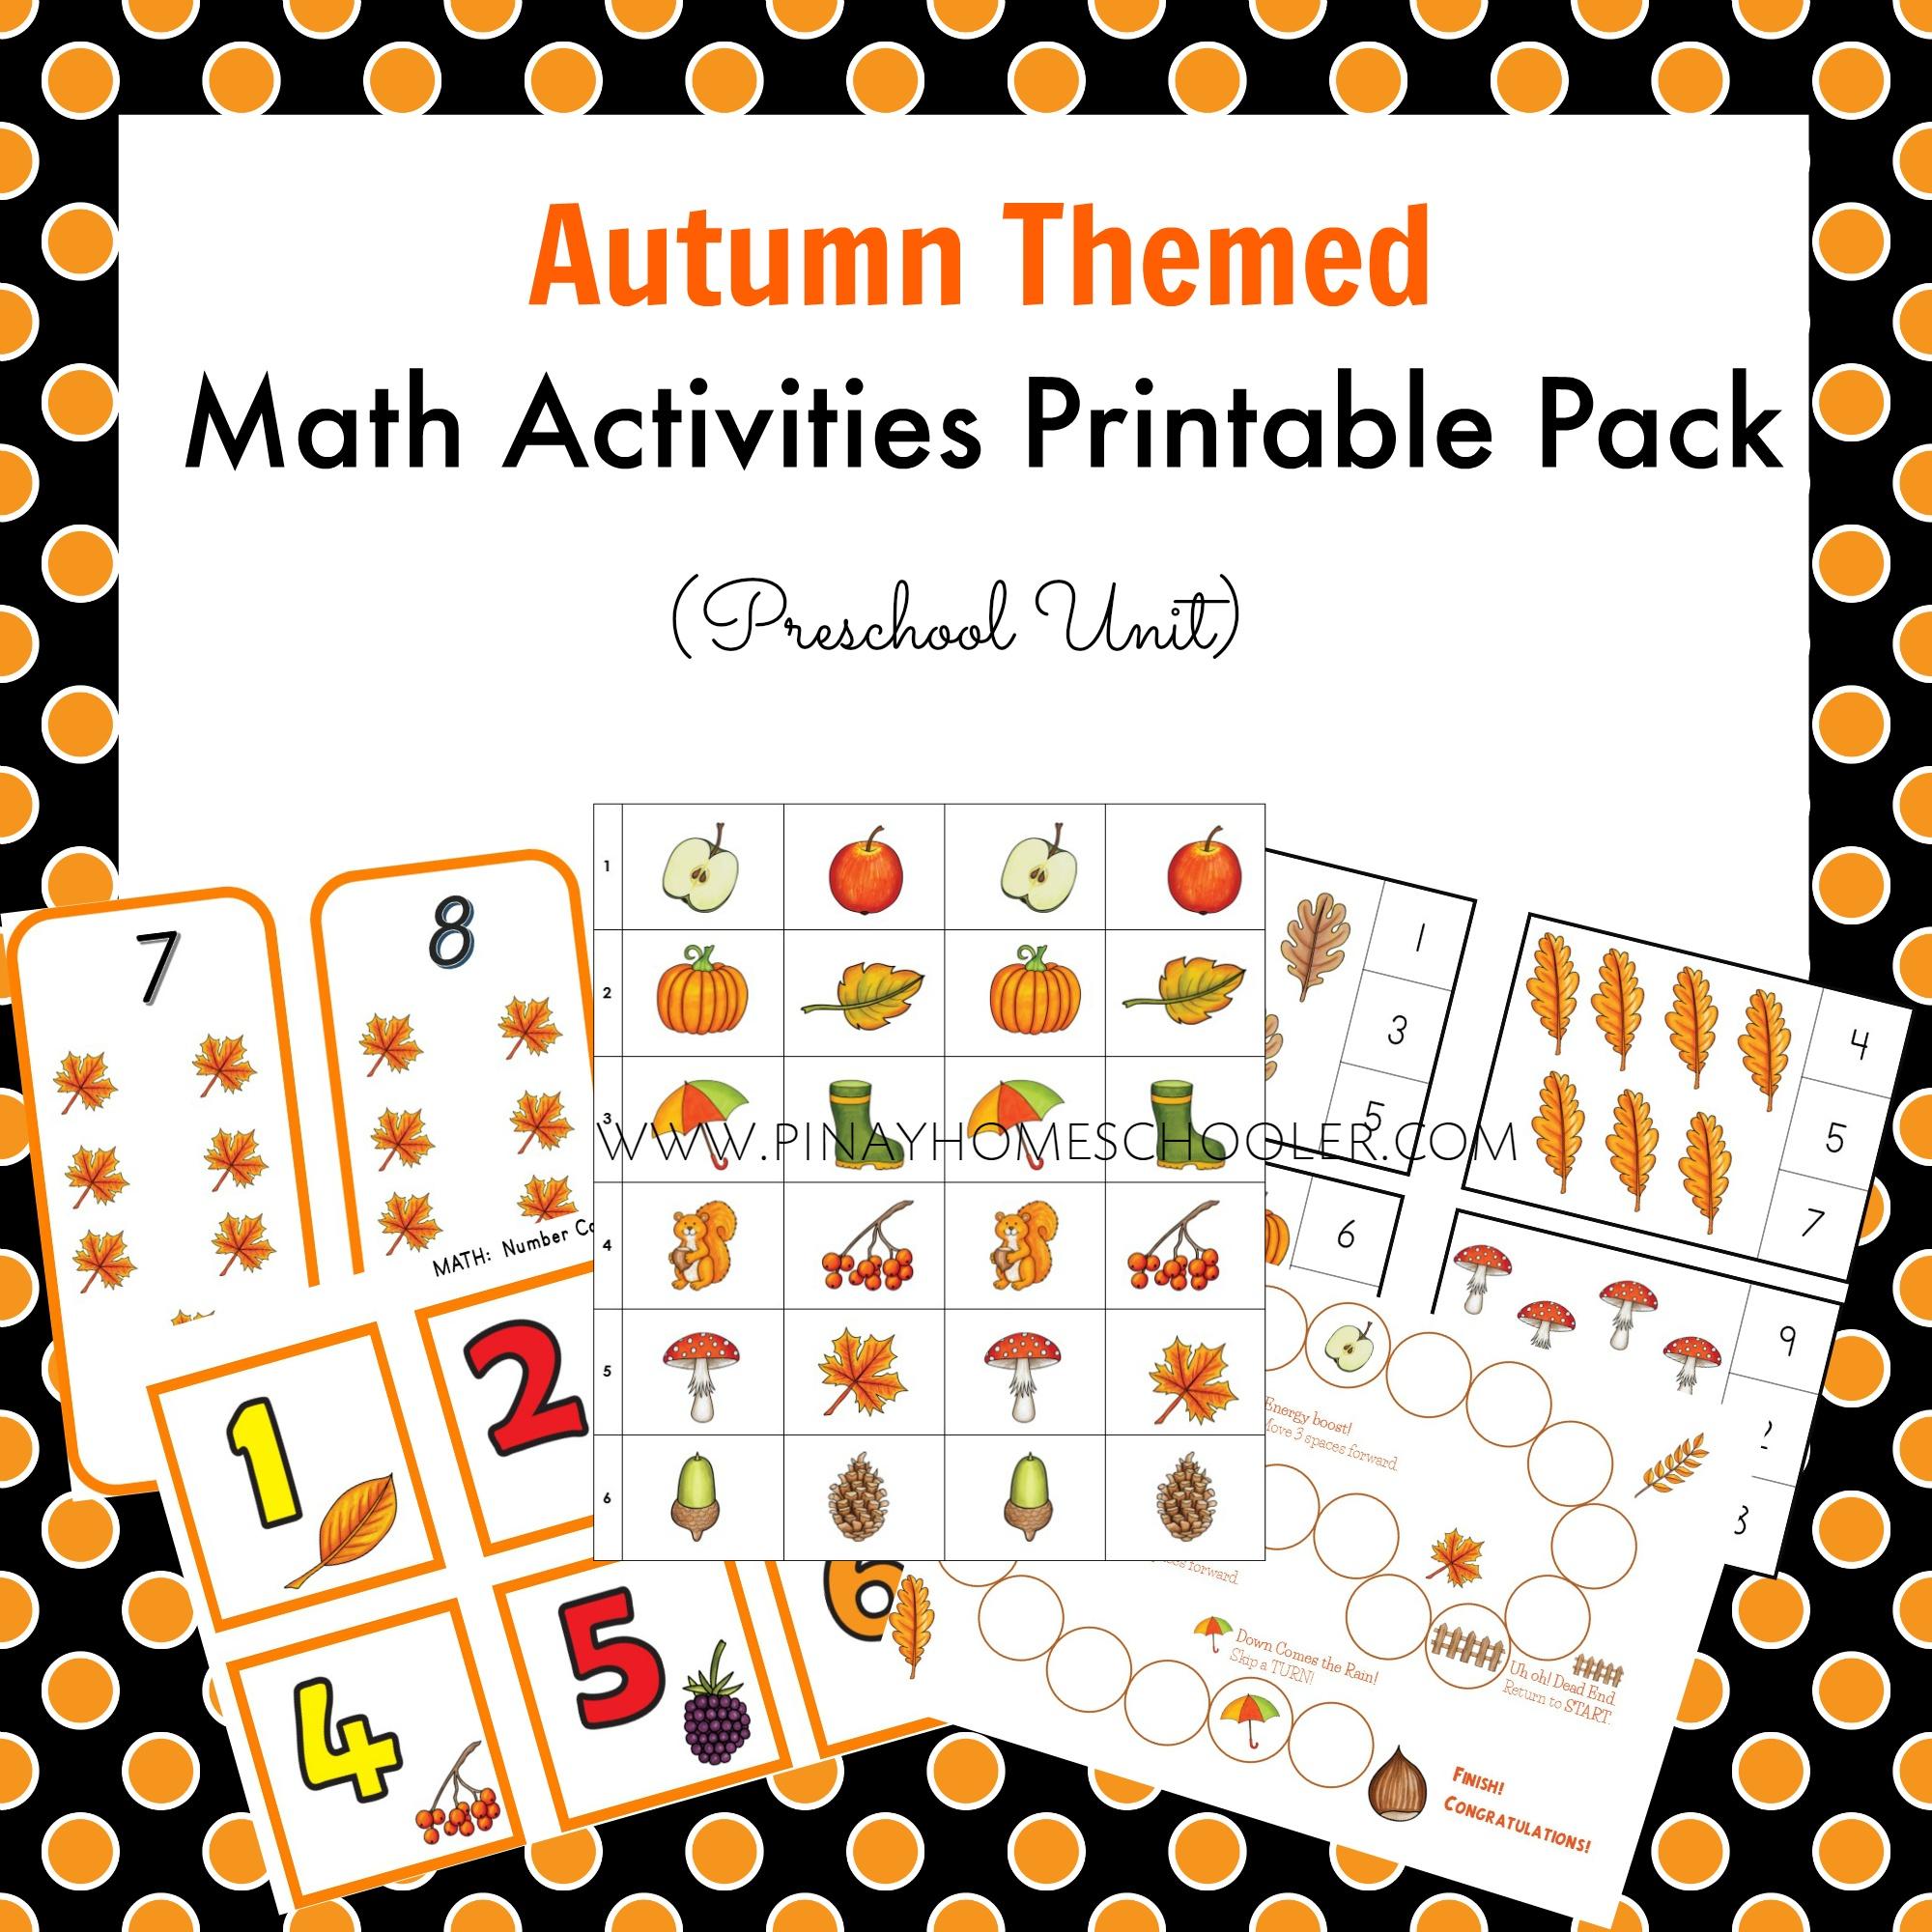 September Preschool Unit Autumn Themed Math Activities